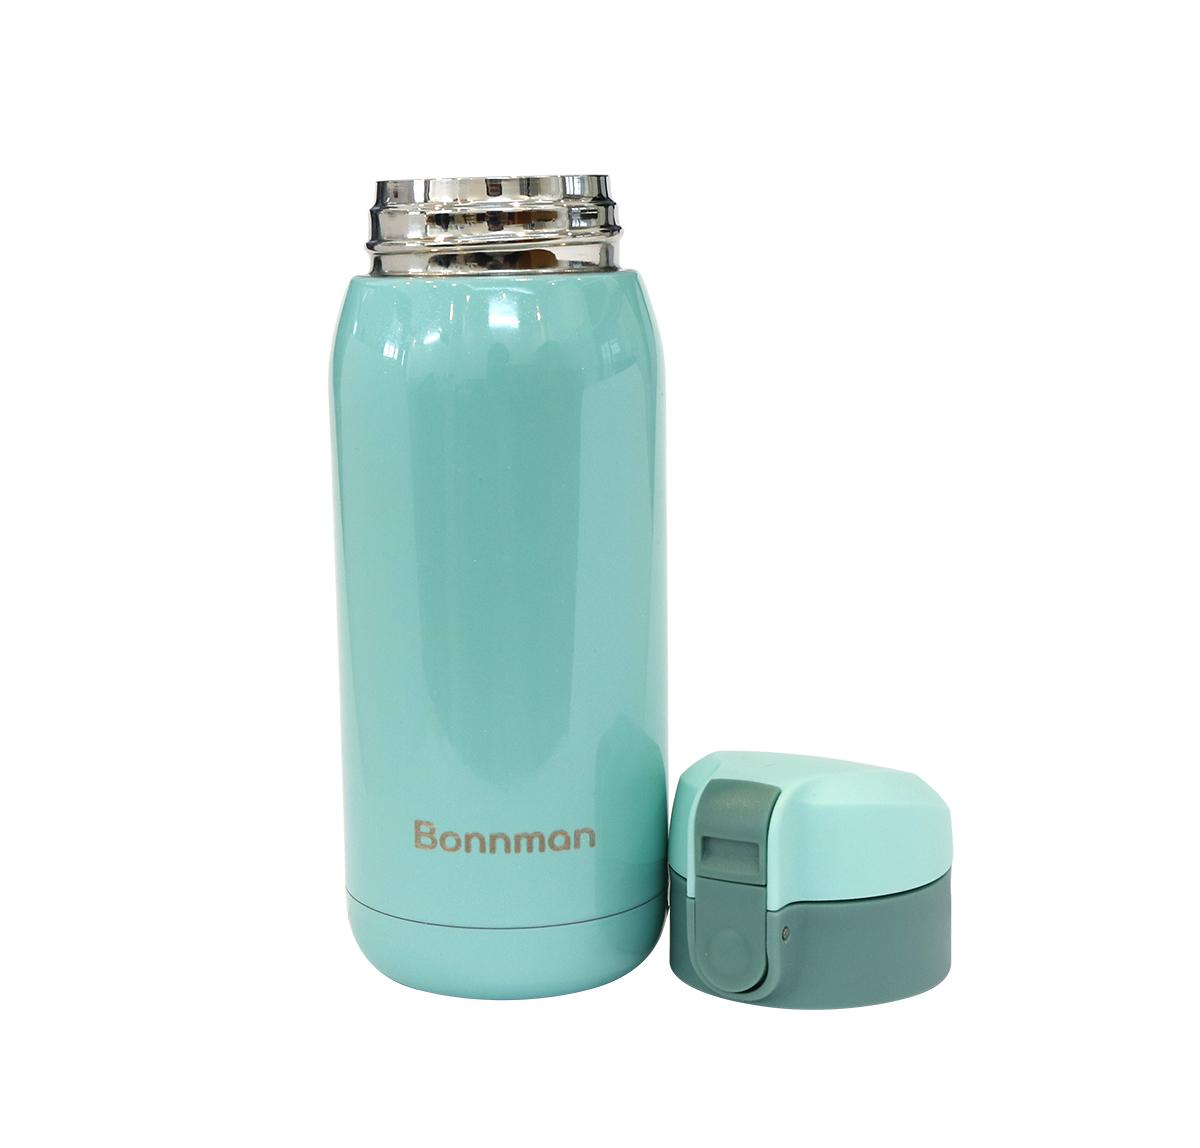 Bình giữ nhiệt inox 304 dung tích 360ml màu xanh ngọc, chất liệu an toàn, không gỉ, giữ nhiệt cực lâu trên 10 giờ